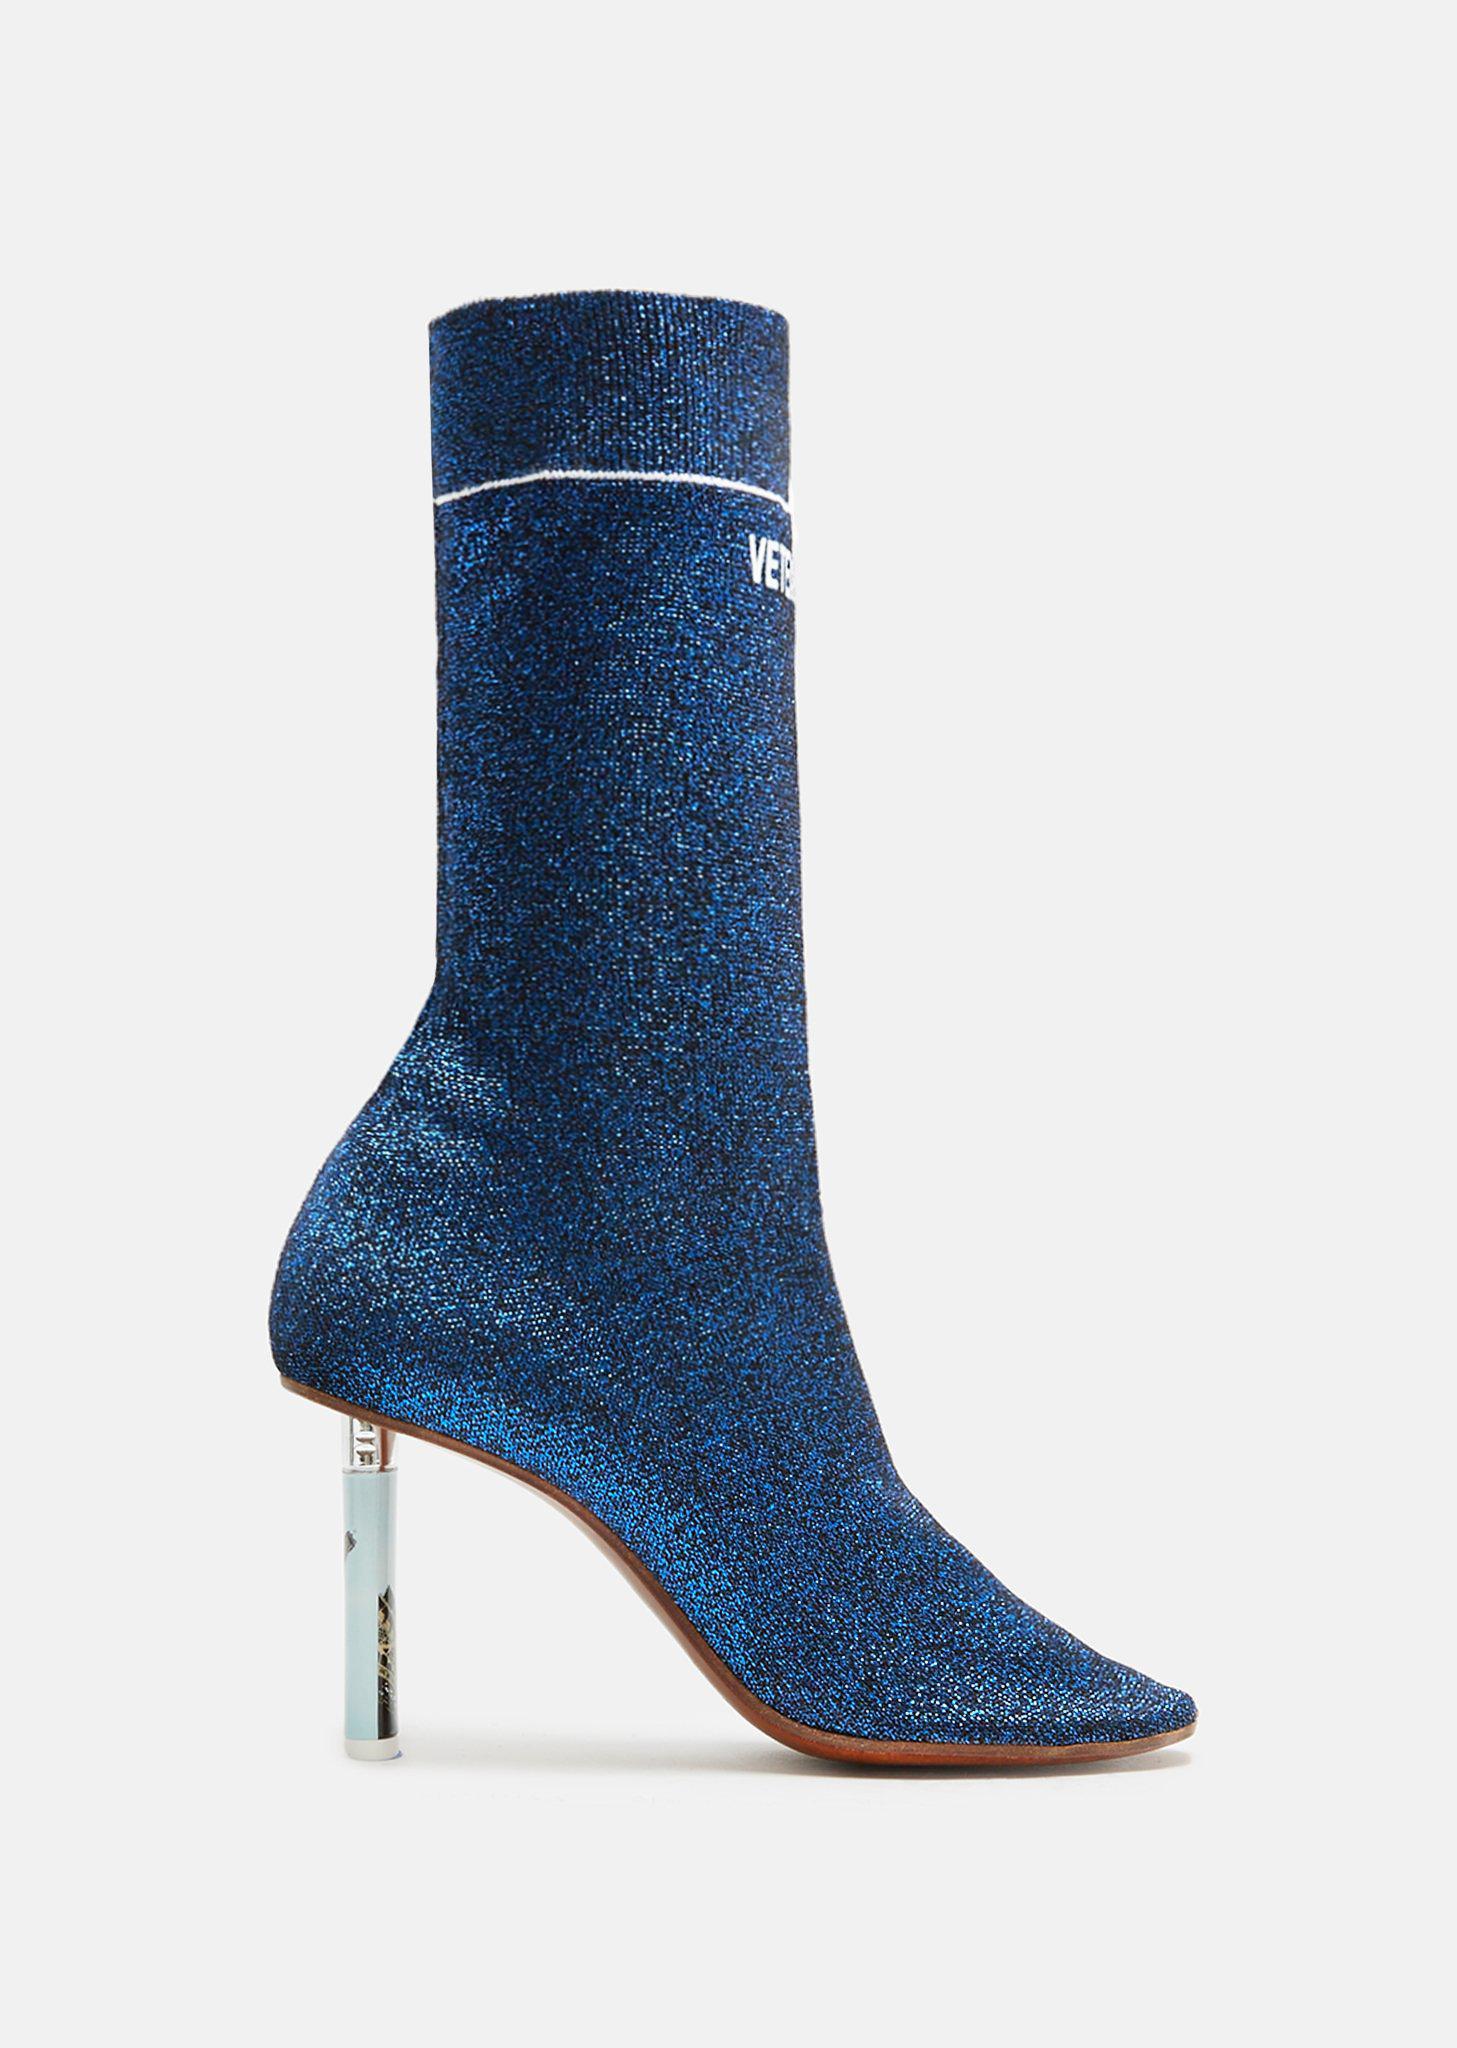 Online Cheap Authentic Isko socks denim boots - Blue Peter Non Websites Sale Online 7nqsO5j1X